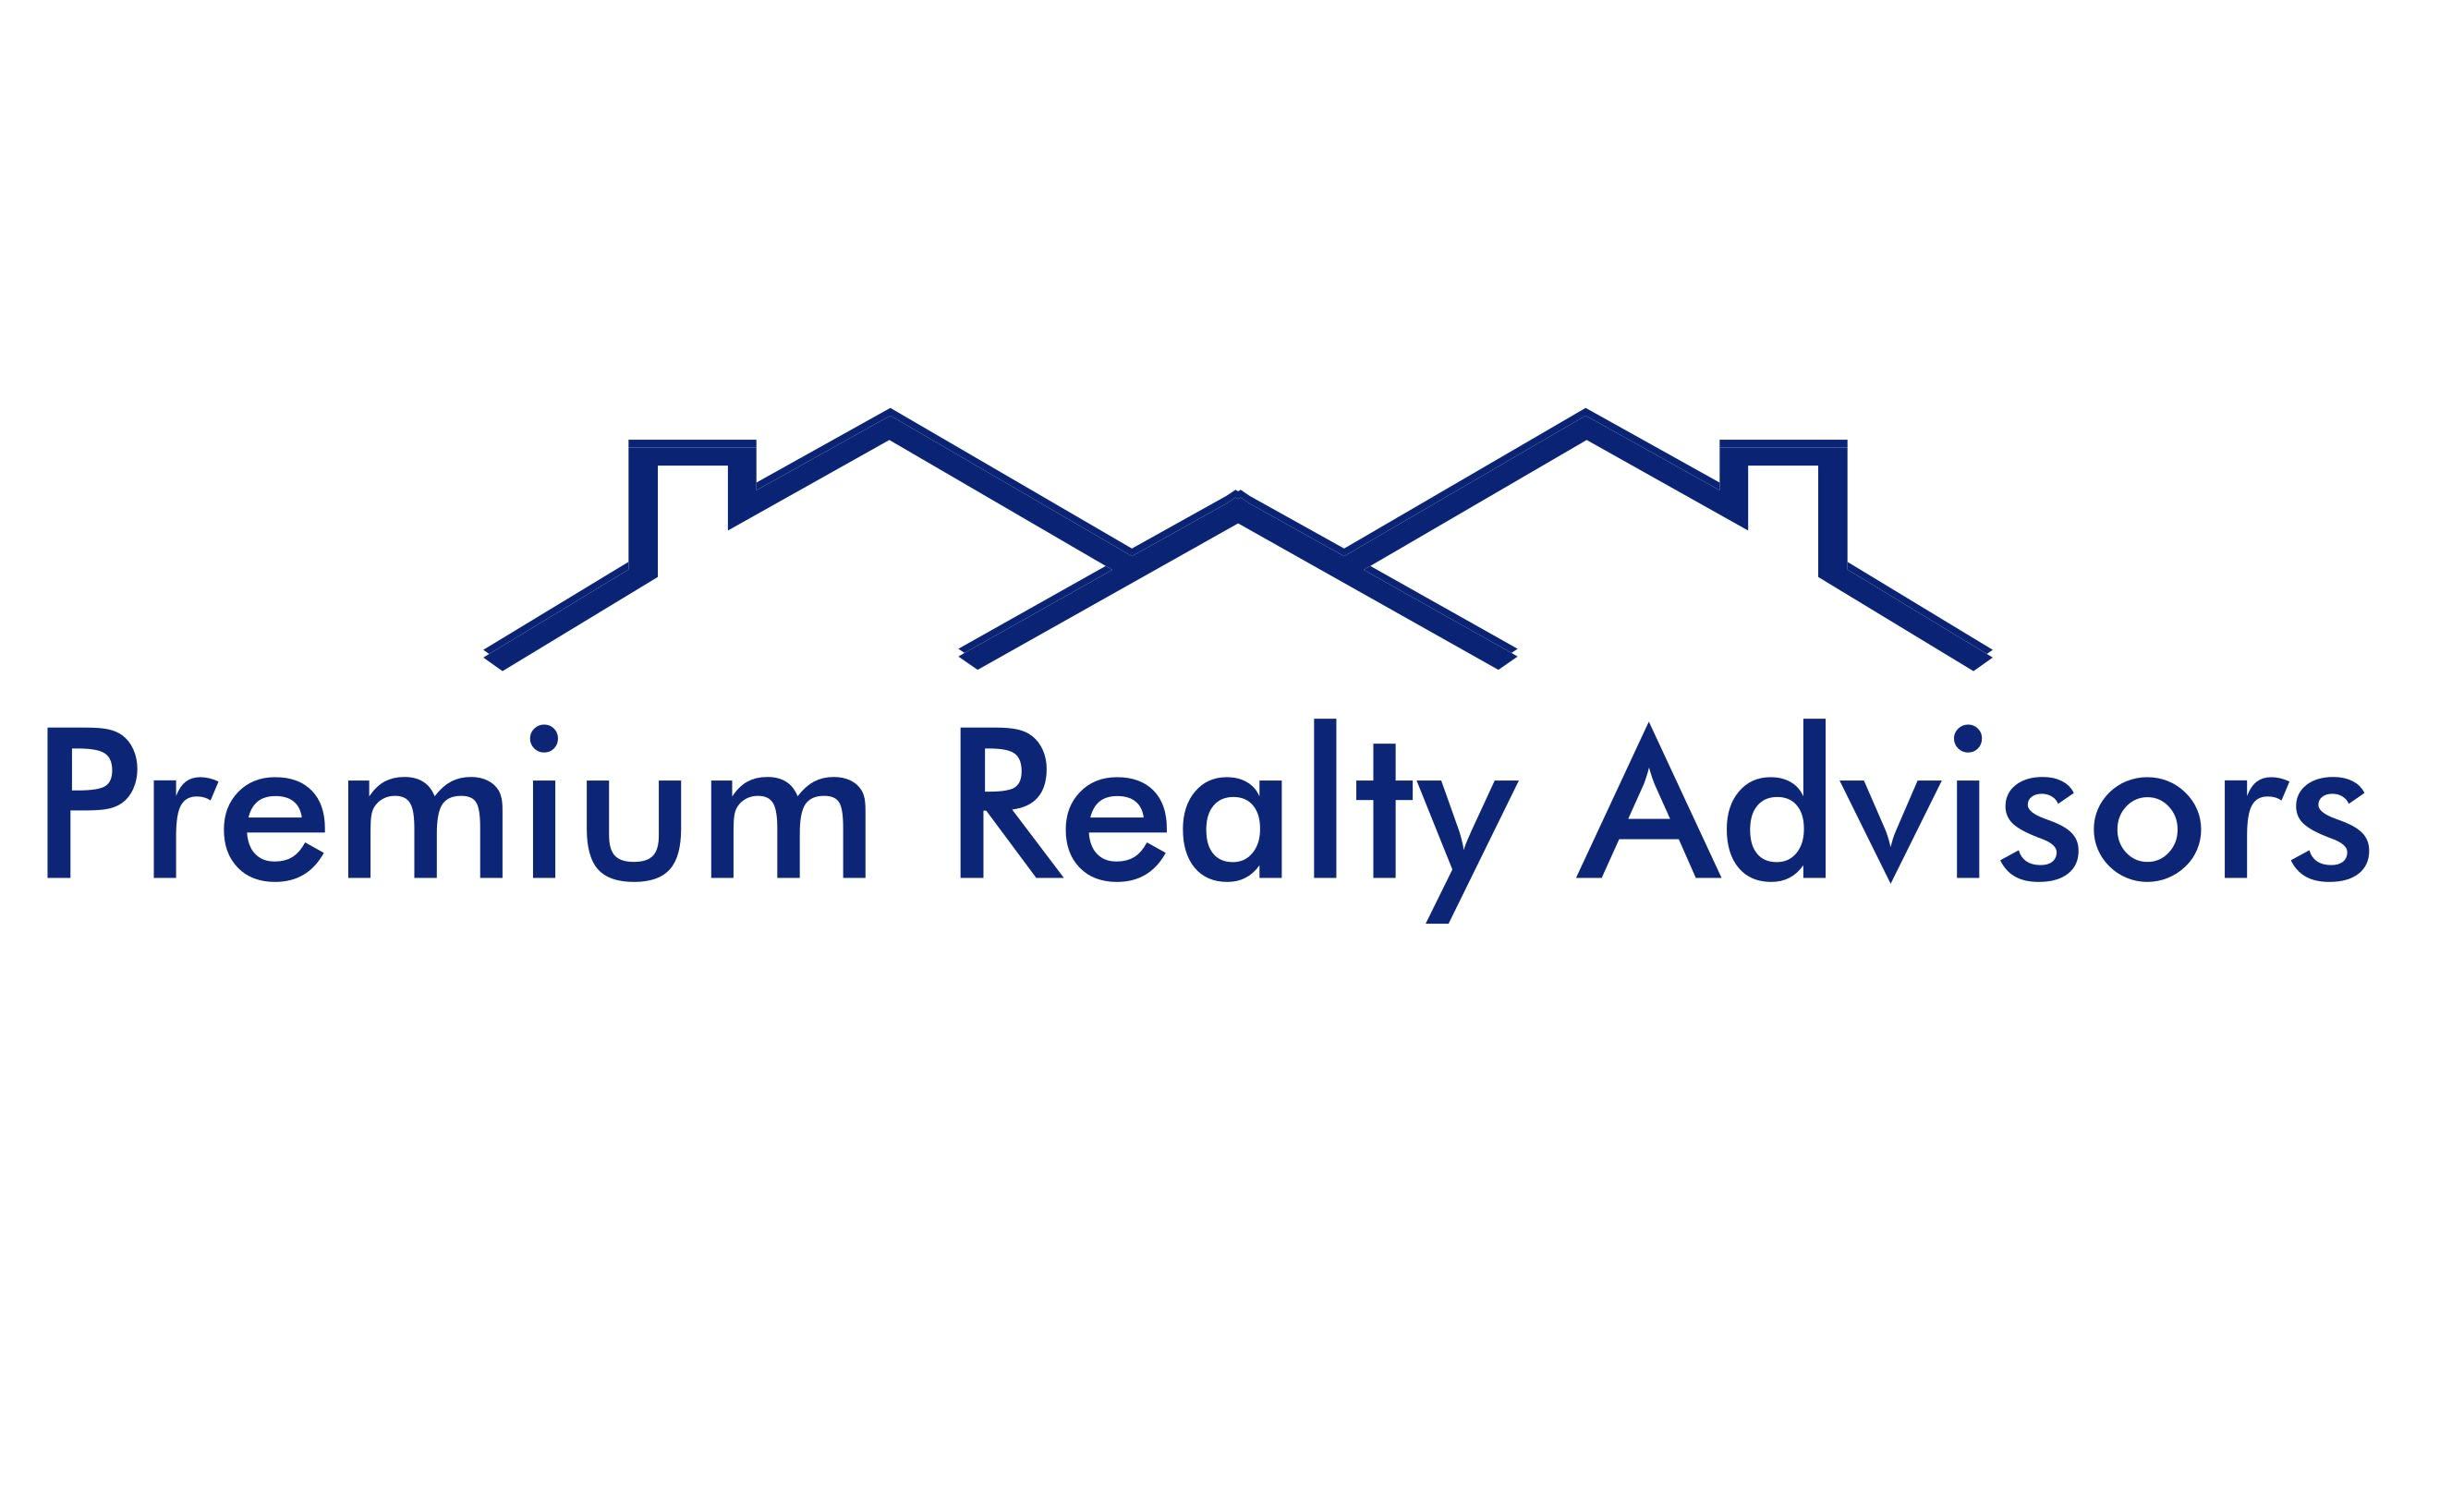 Premium Realty Advisors